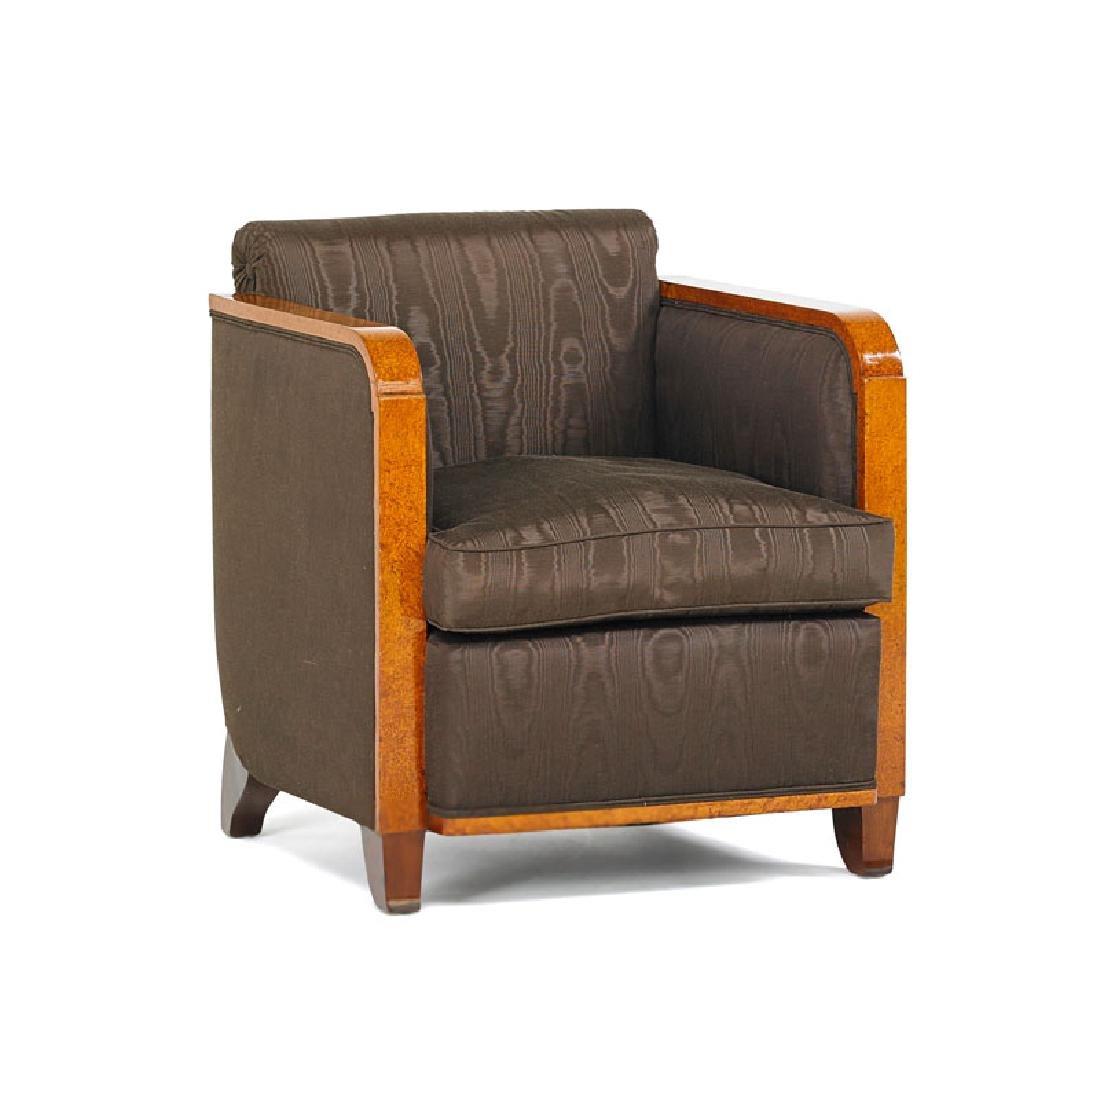 JULES LELEU Club chair